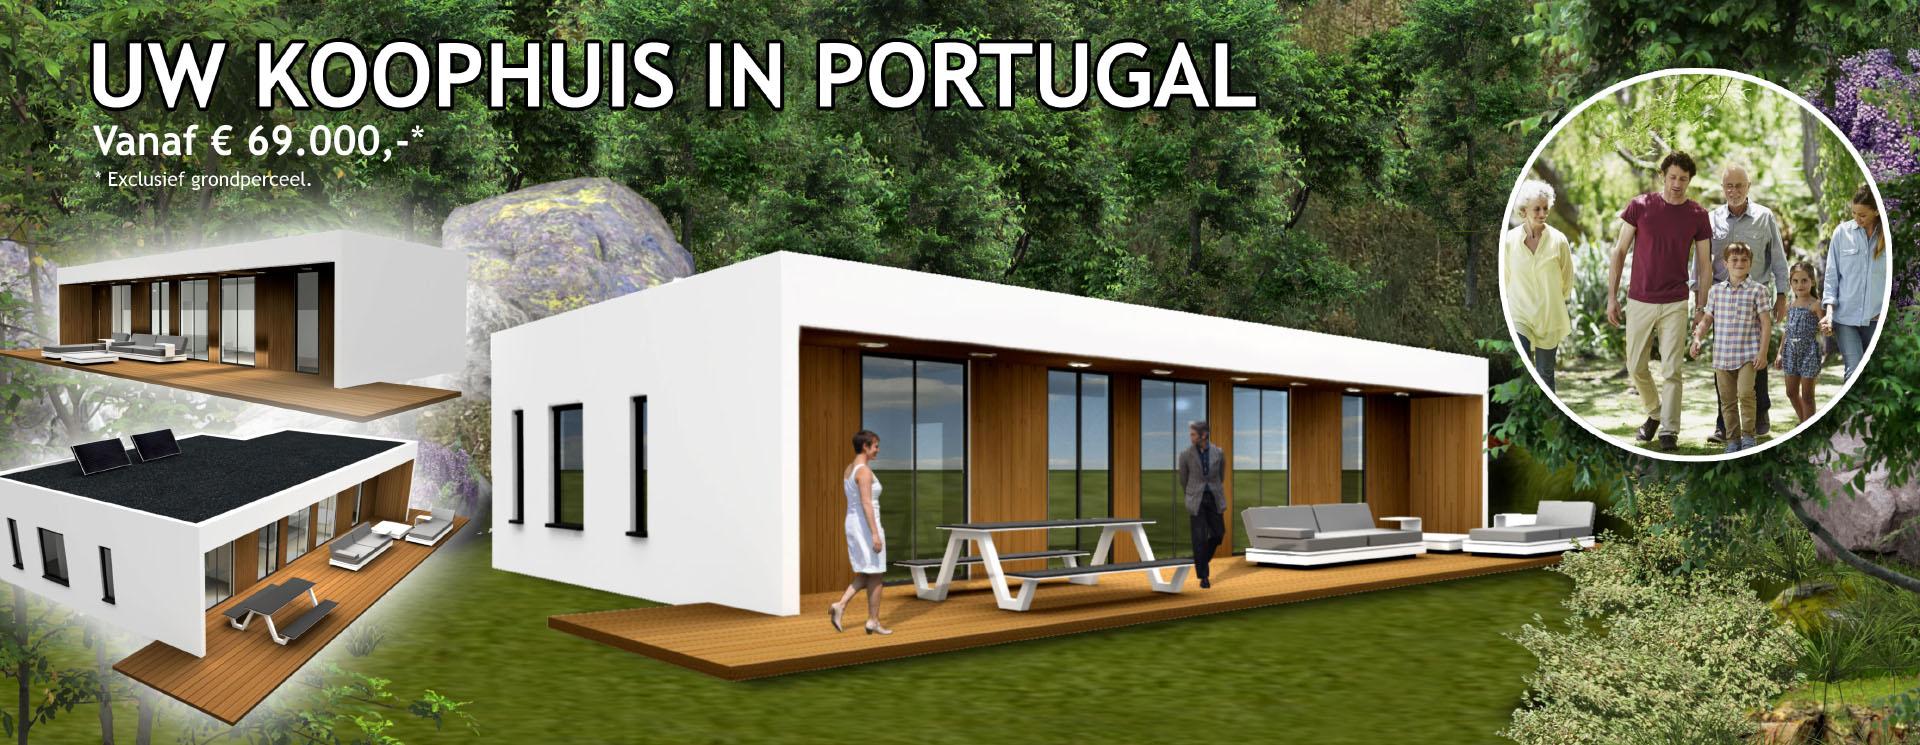 Bent u geïnteresseerd in een bijzonder betaalbare woning om comfortabel en relaxed te leven in het groenste gedeelte van Portugal?